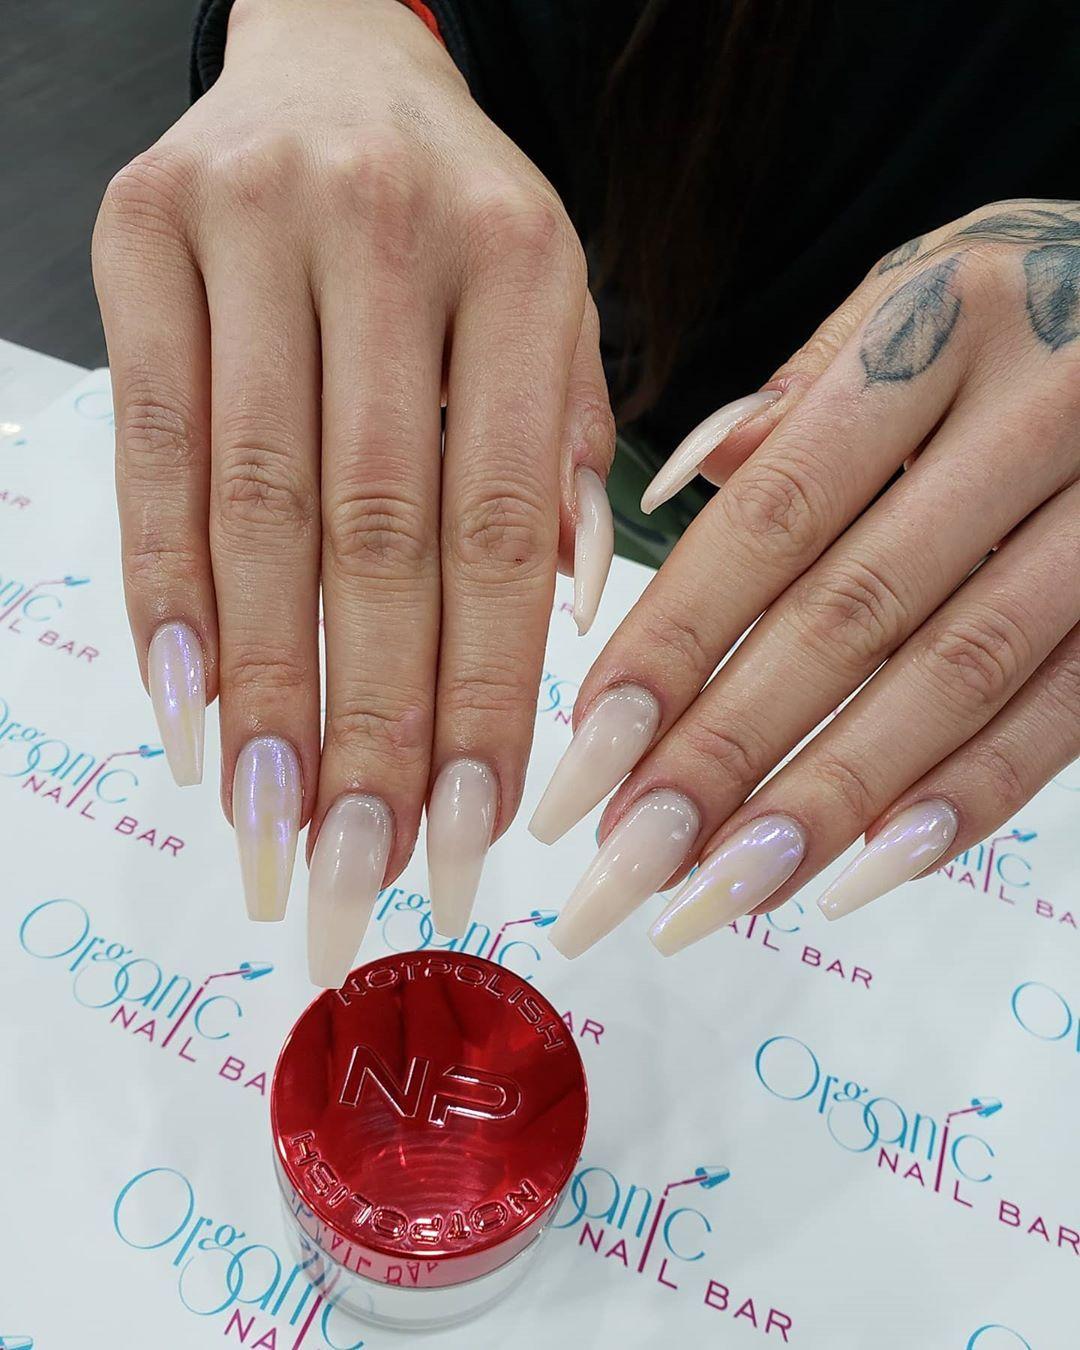 Organic Nail Bar Blue Jays in 2020 Organic nails, Nail